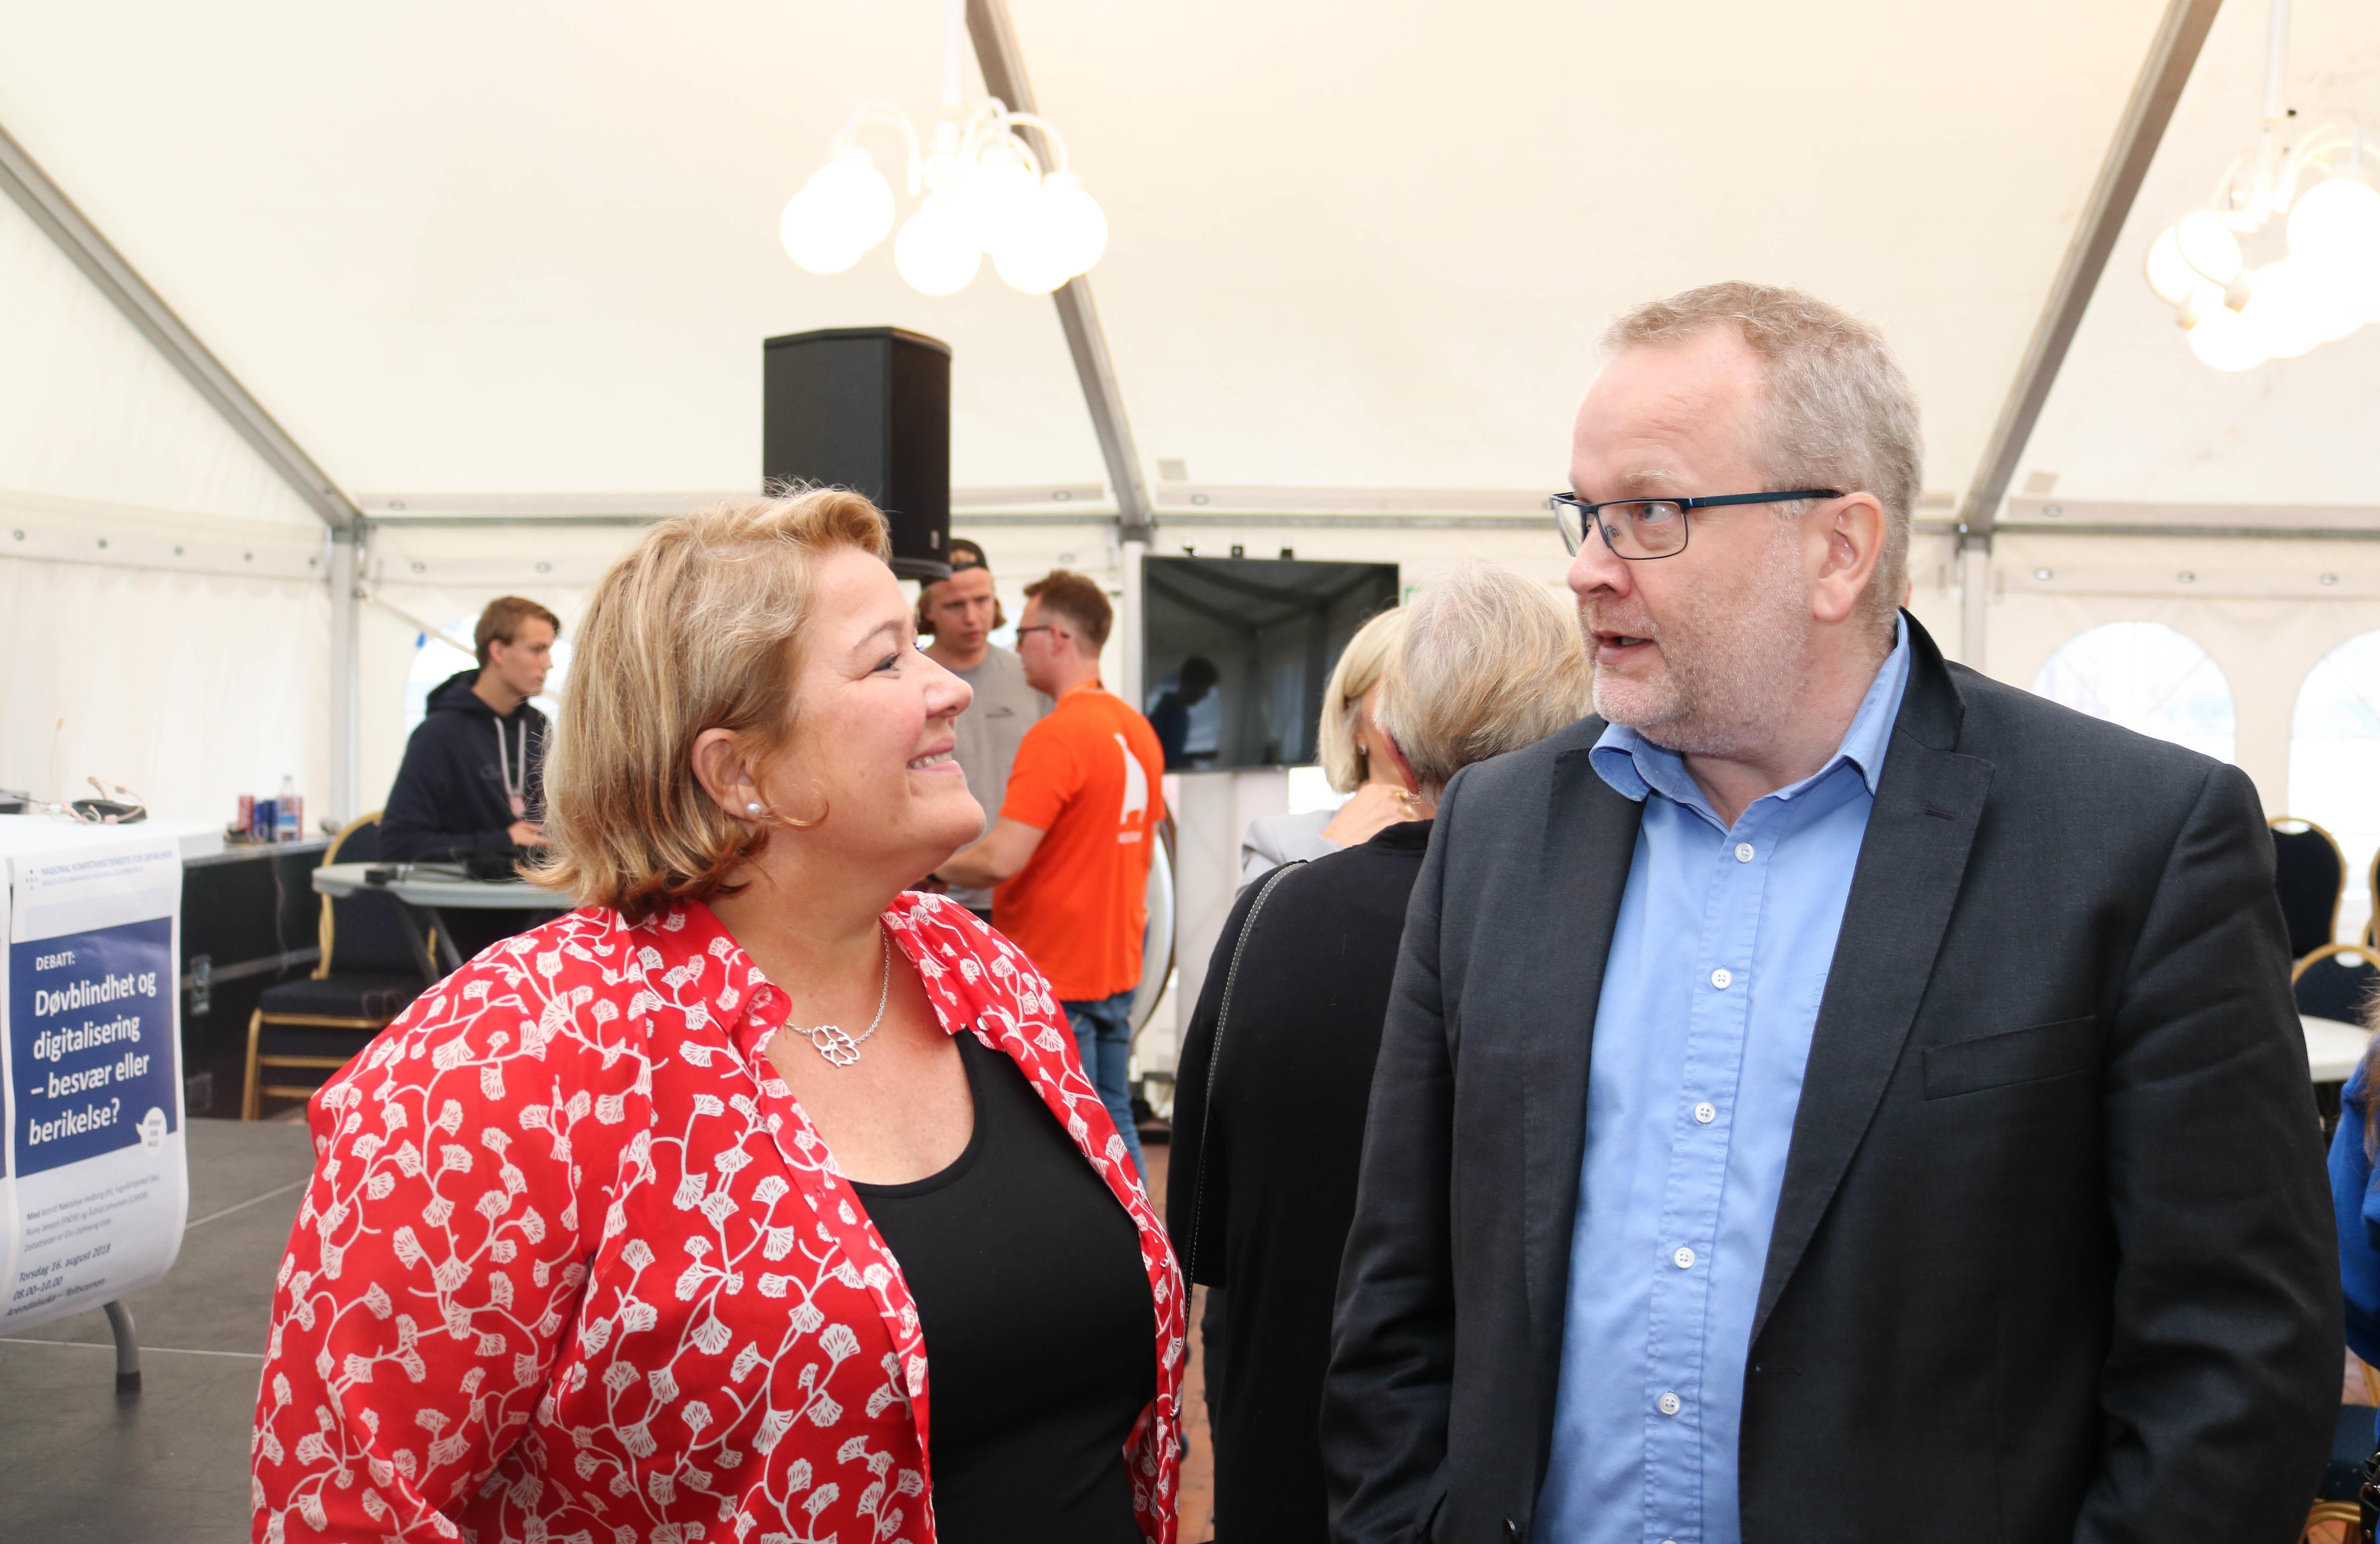 Kvinne og mann prater sammen. Hun er rødkledd, mens han har blå skjorte under svart dressjakke.